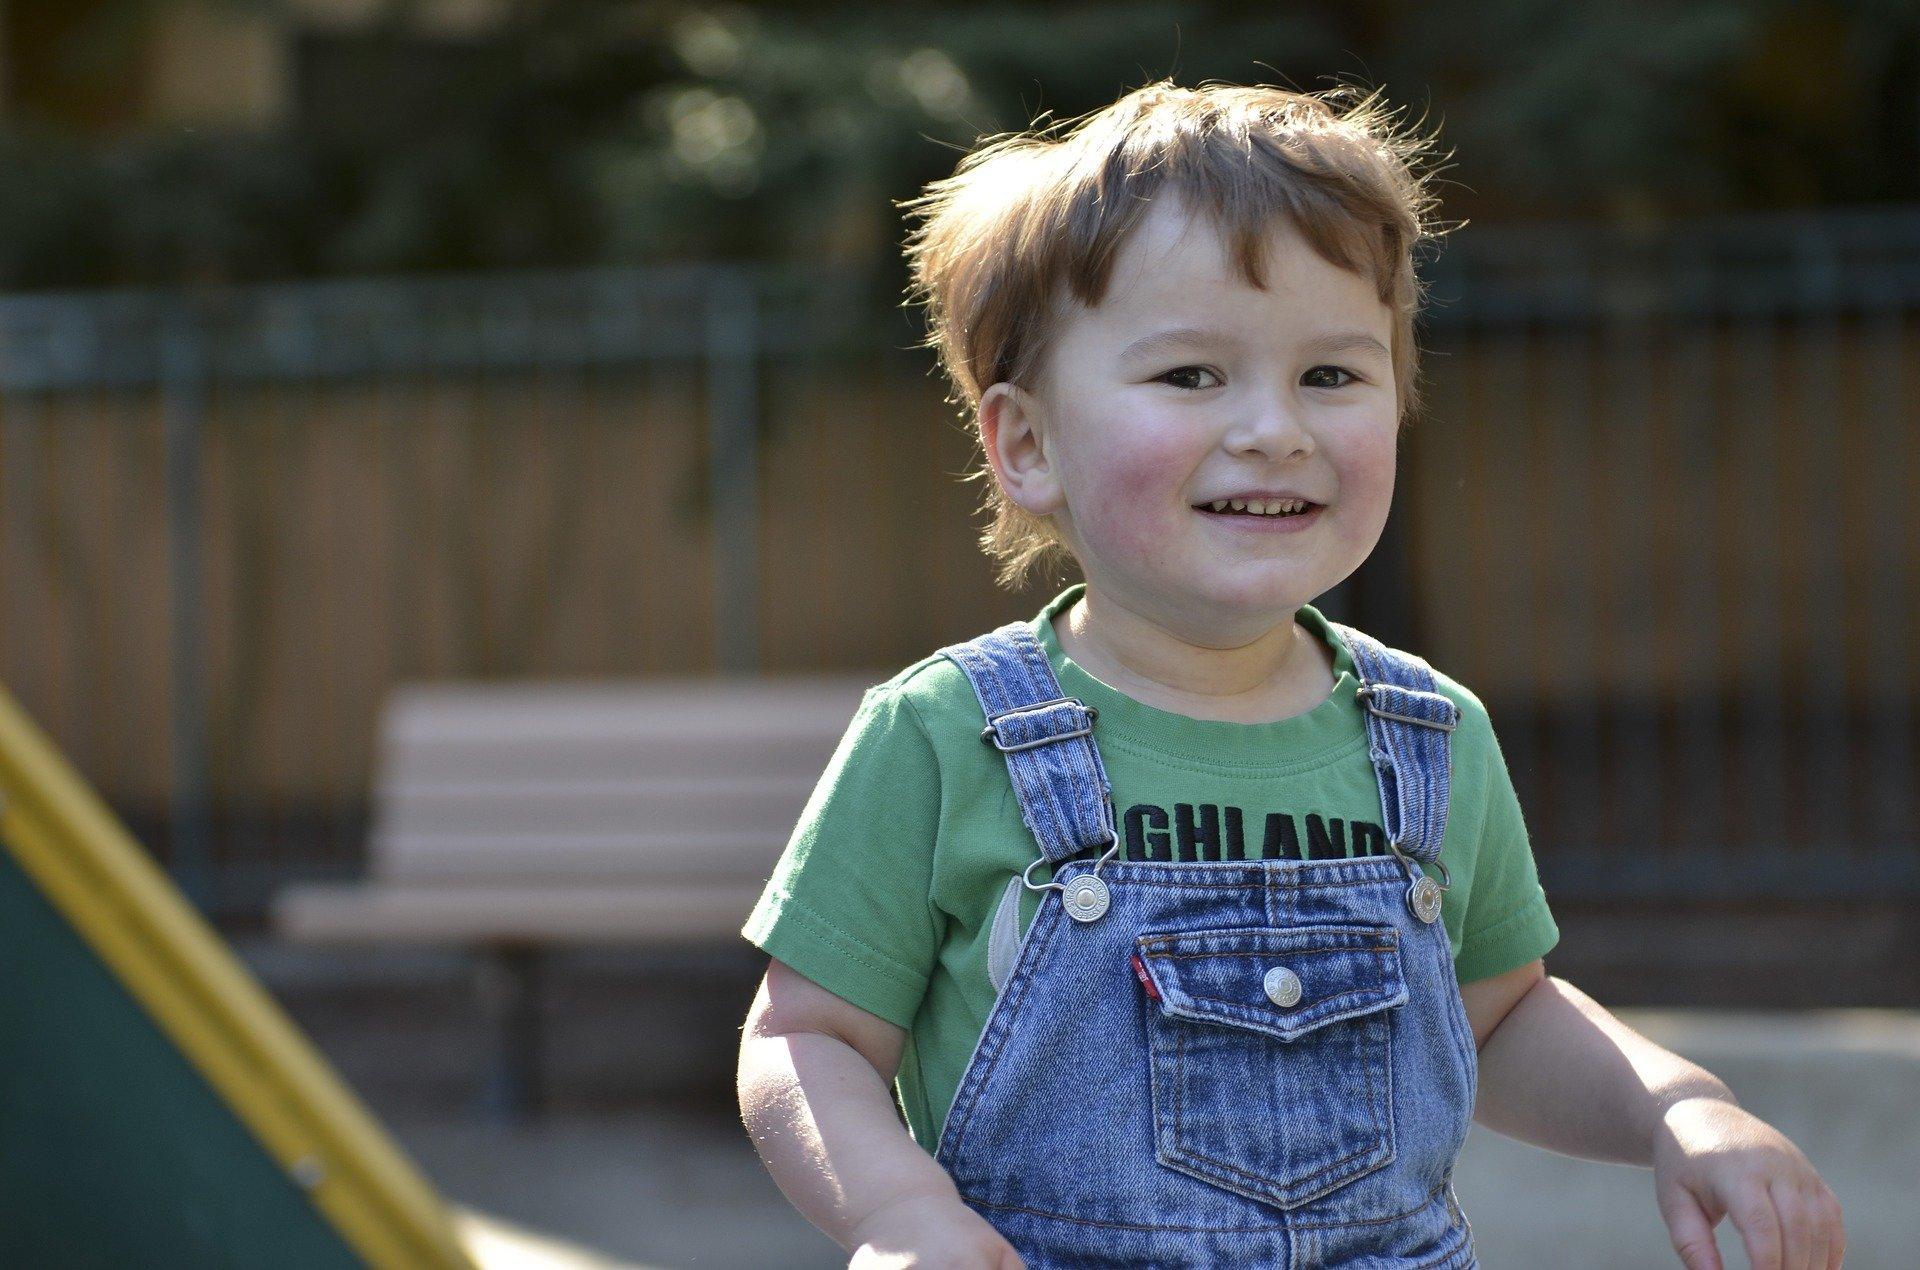 Studie verbindet die genetische Hintergründe von autistischen Störungen mit Dysfunktion von Stammzellen